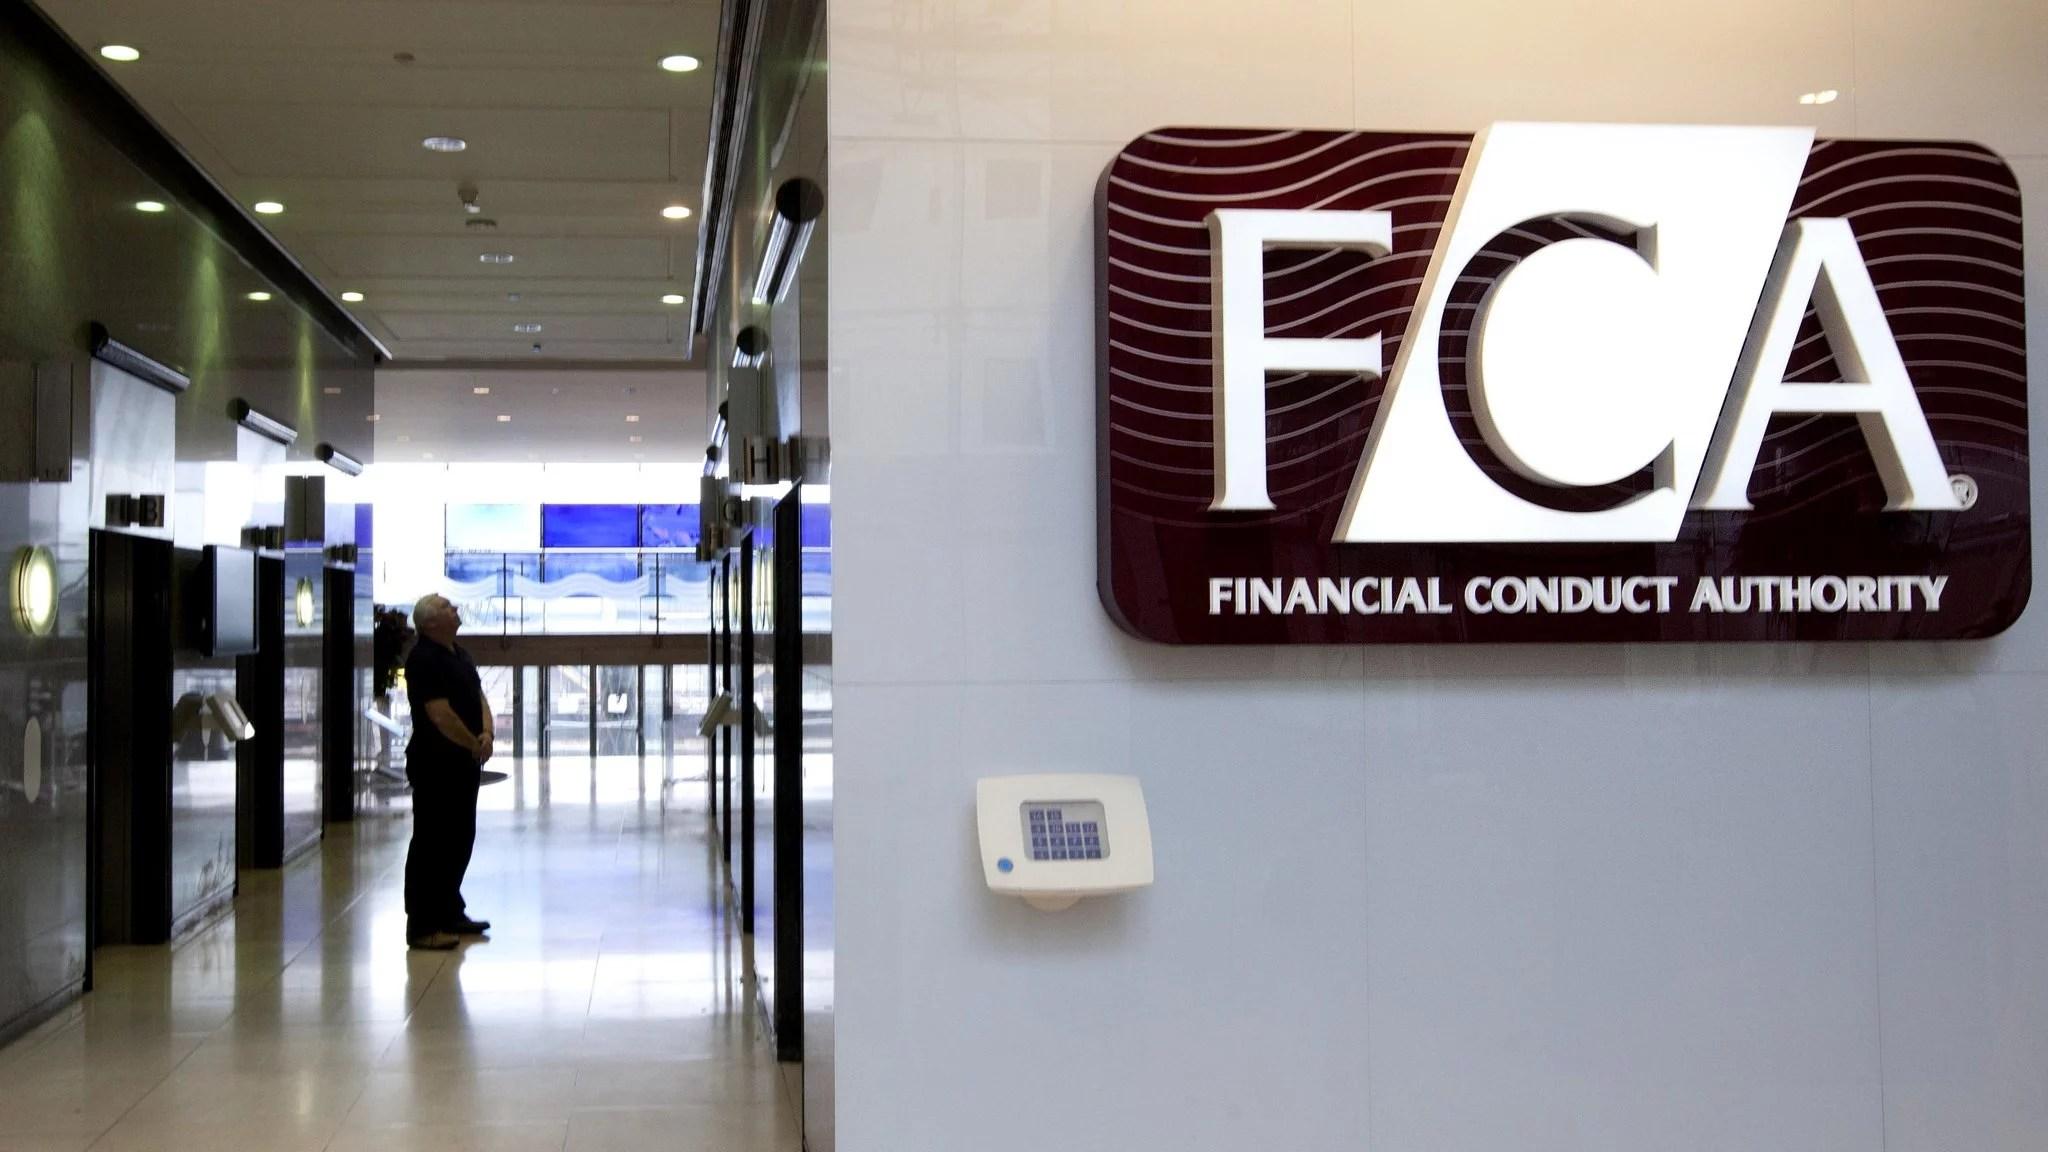 Autoridad de Conducta Financiera del Reino Unido publica documento de orientación final para brindar claridad sobre la regulación de activos criptográficos